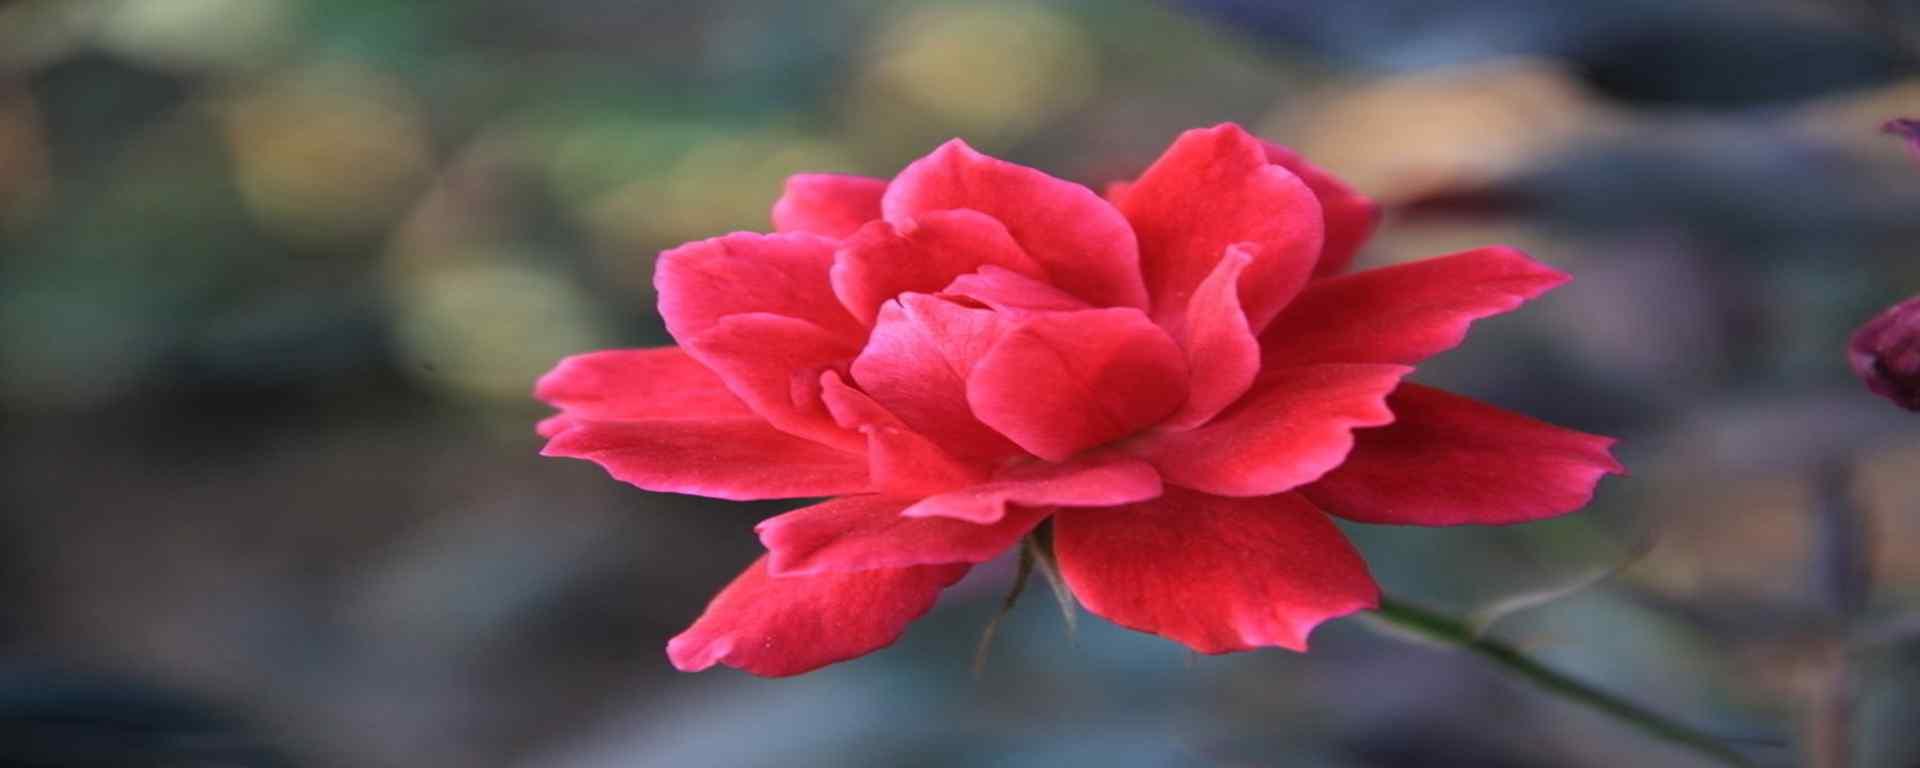 月季花_月季花图片_月季花品种_月季花植物壁纸